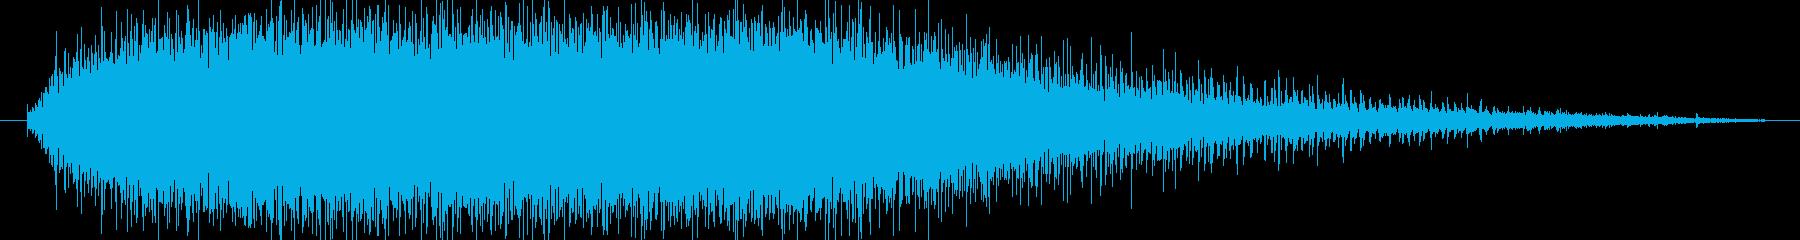 機械 ジグソーエンジンFast L...の再生済みの波形